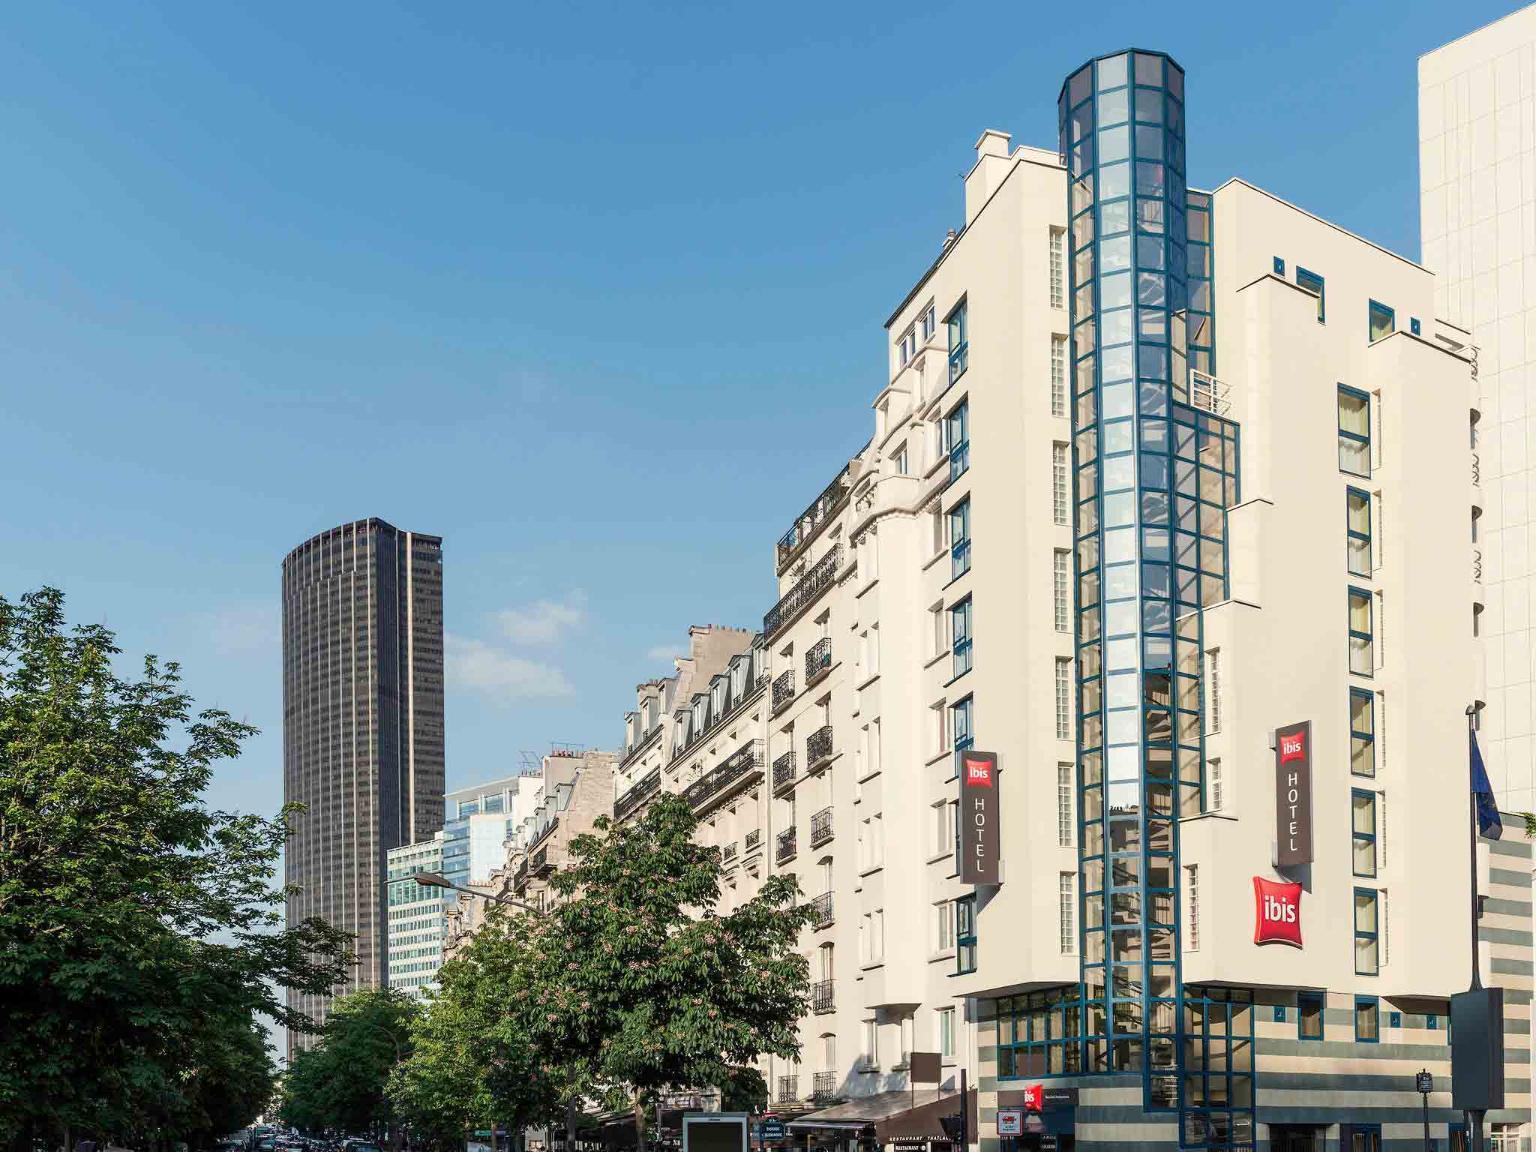 Ibis paris gare montparnasse 15 me h tel 71 boulevard - L atelier du france port de grenelle 75015 paris ...